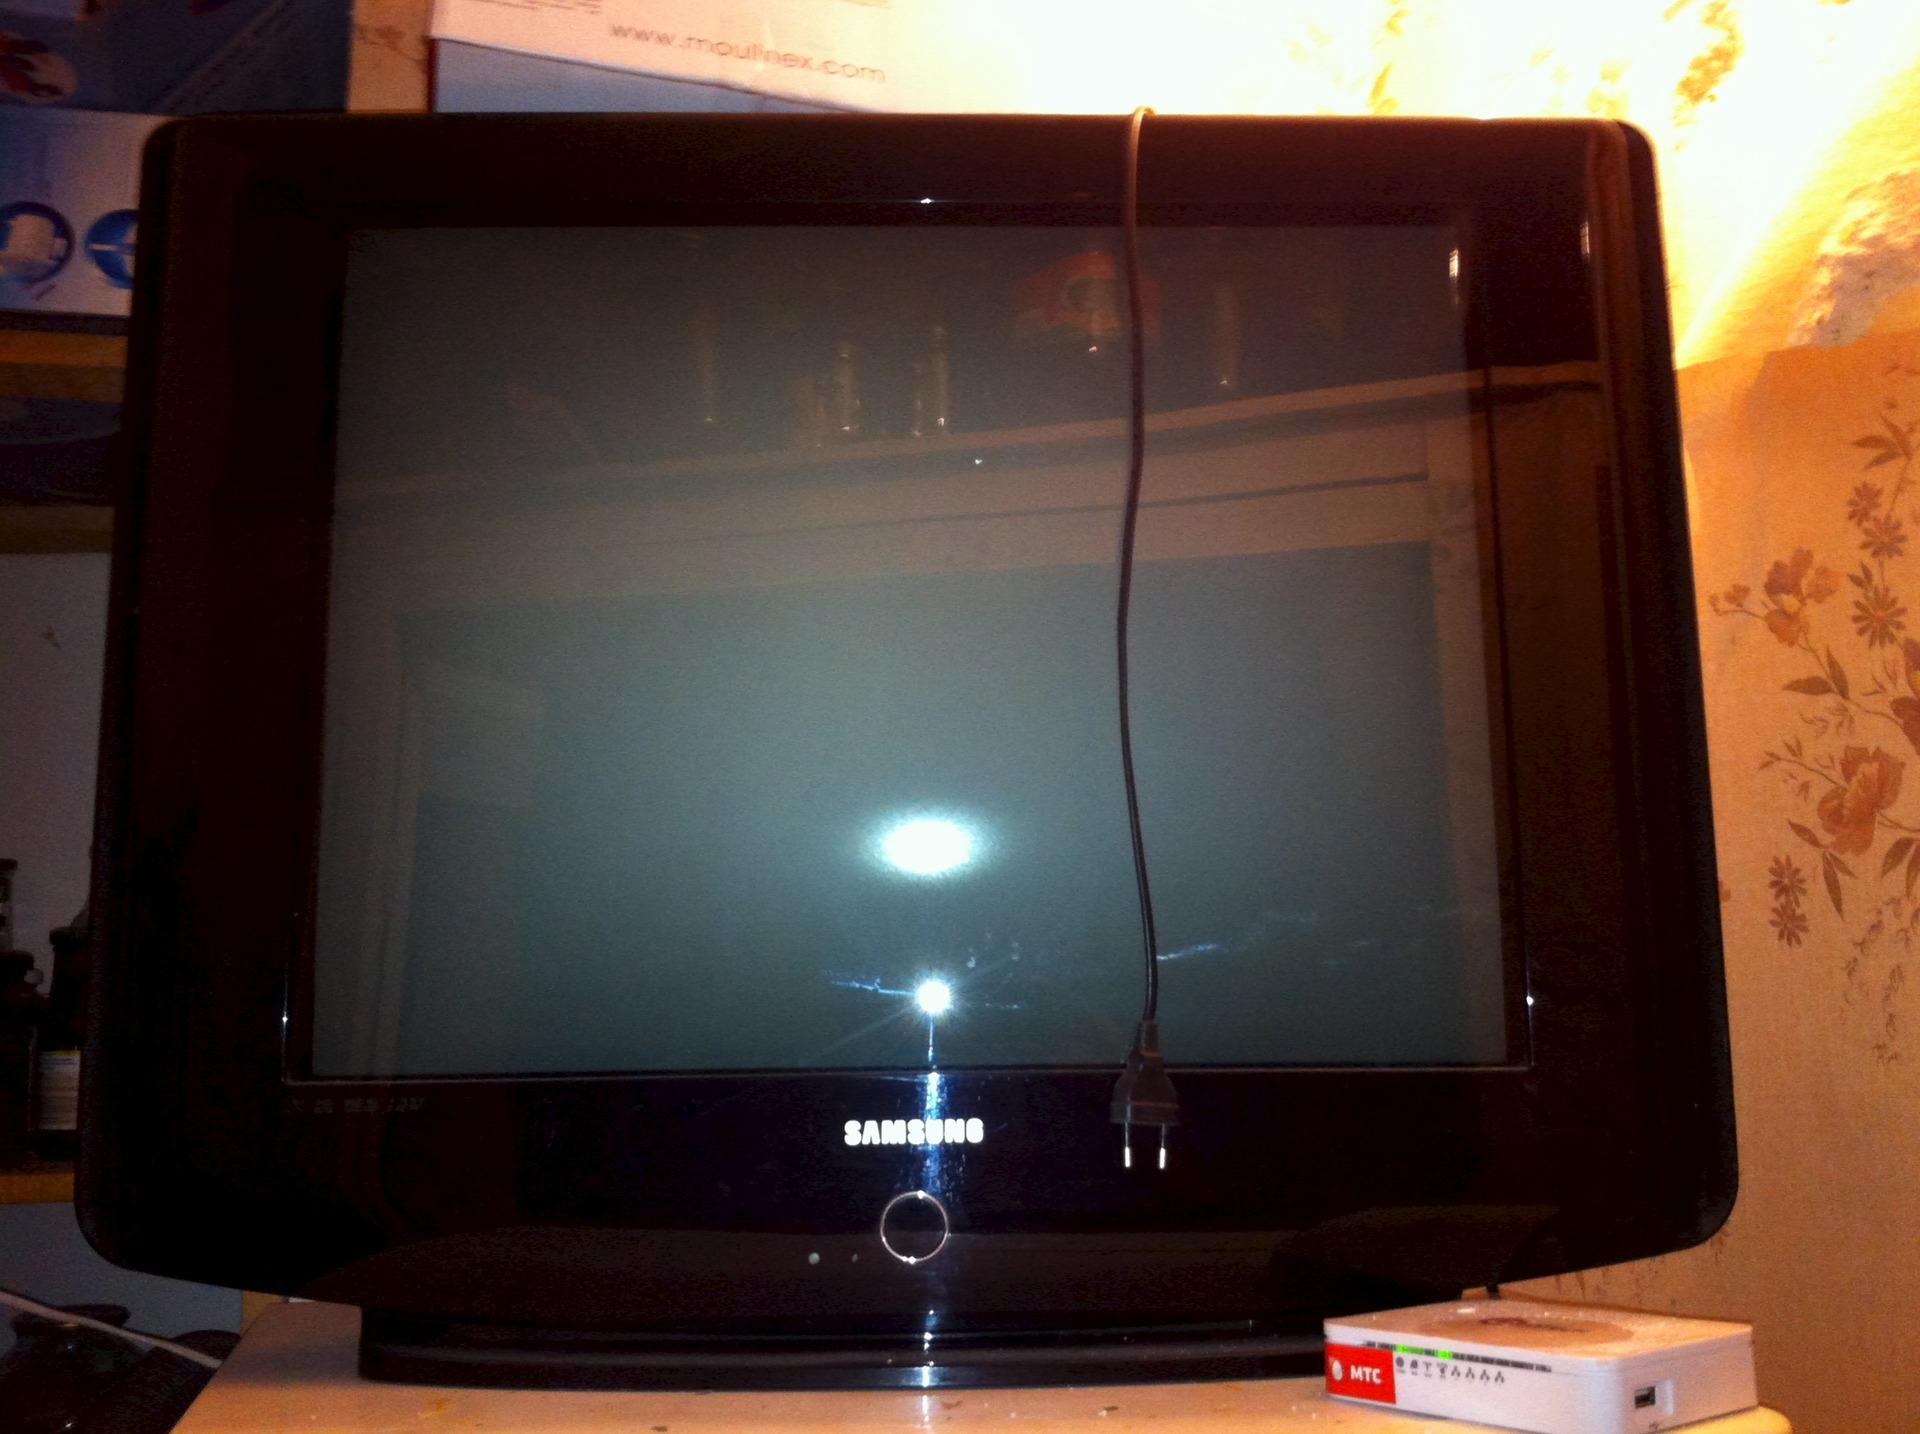 в телевизоре нет изображения звук есть